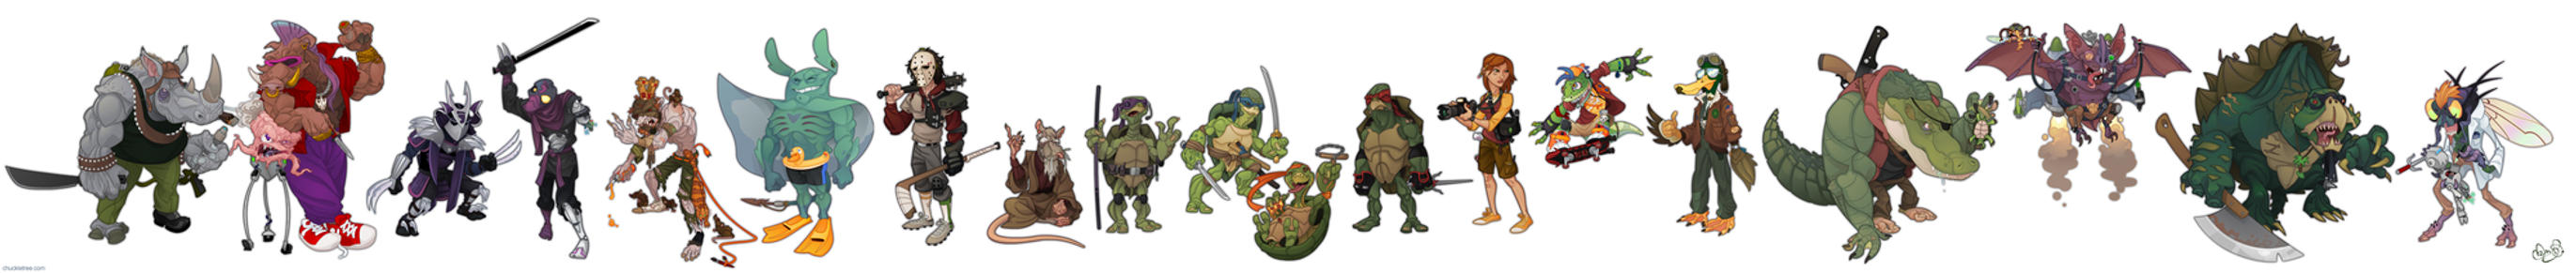 Turtles Redesign Lineup by WonderDookie